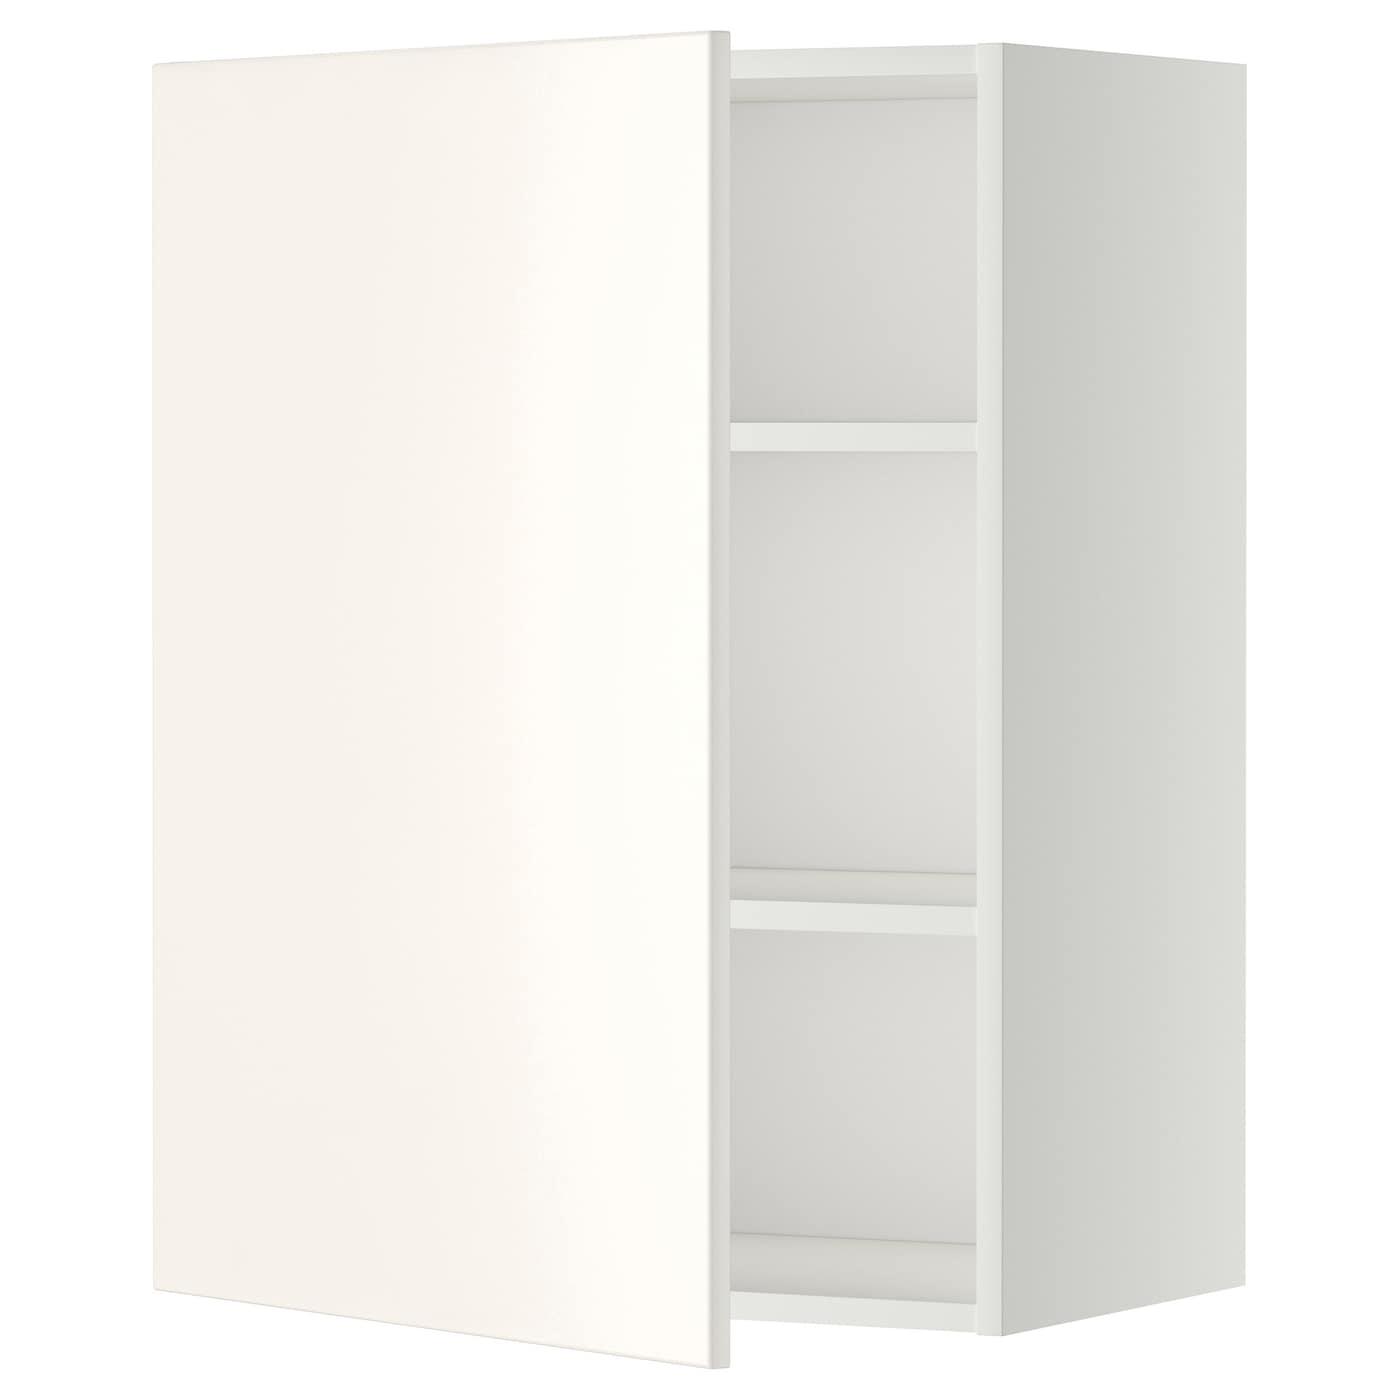 Ikea Kitchen Veddinge White: METOD Wall Cabinet With Shelves White/veddinge White 60 X